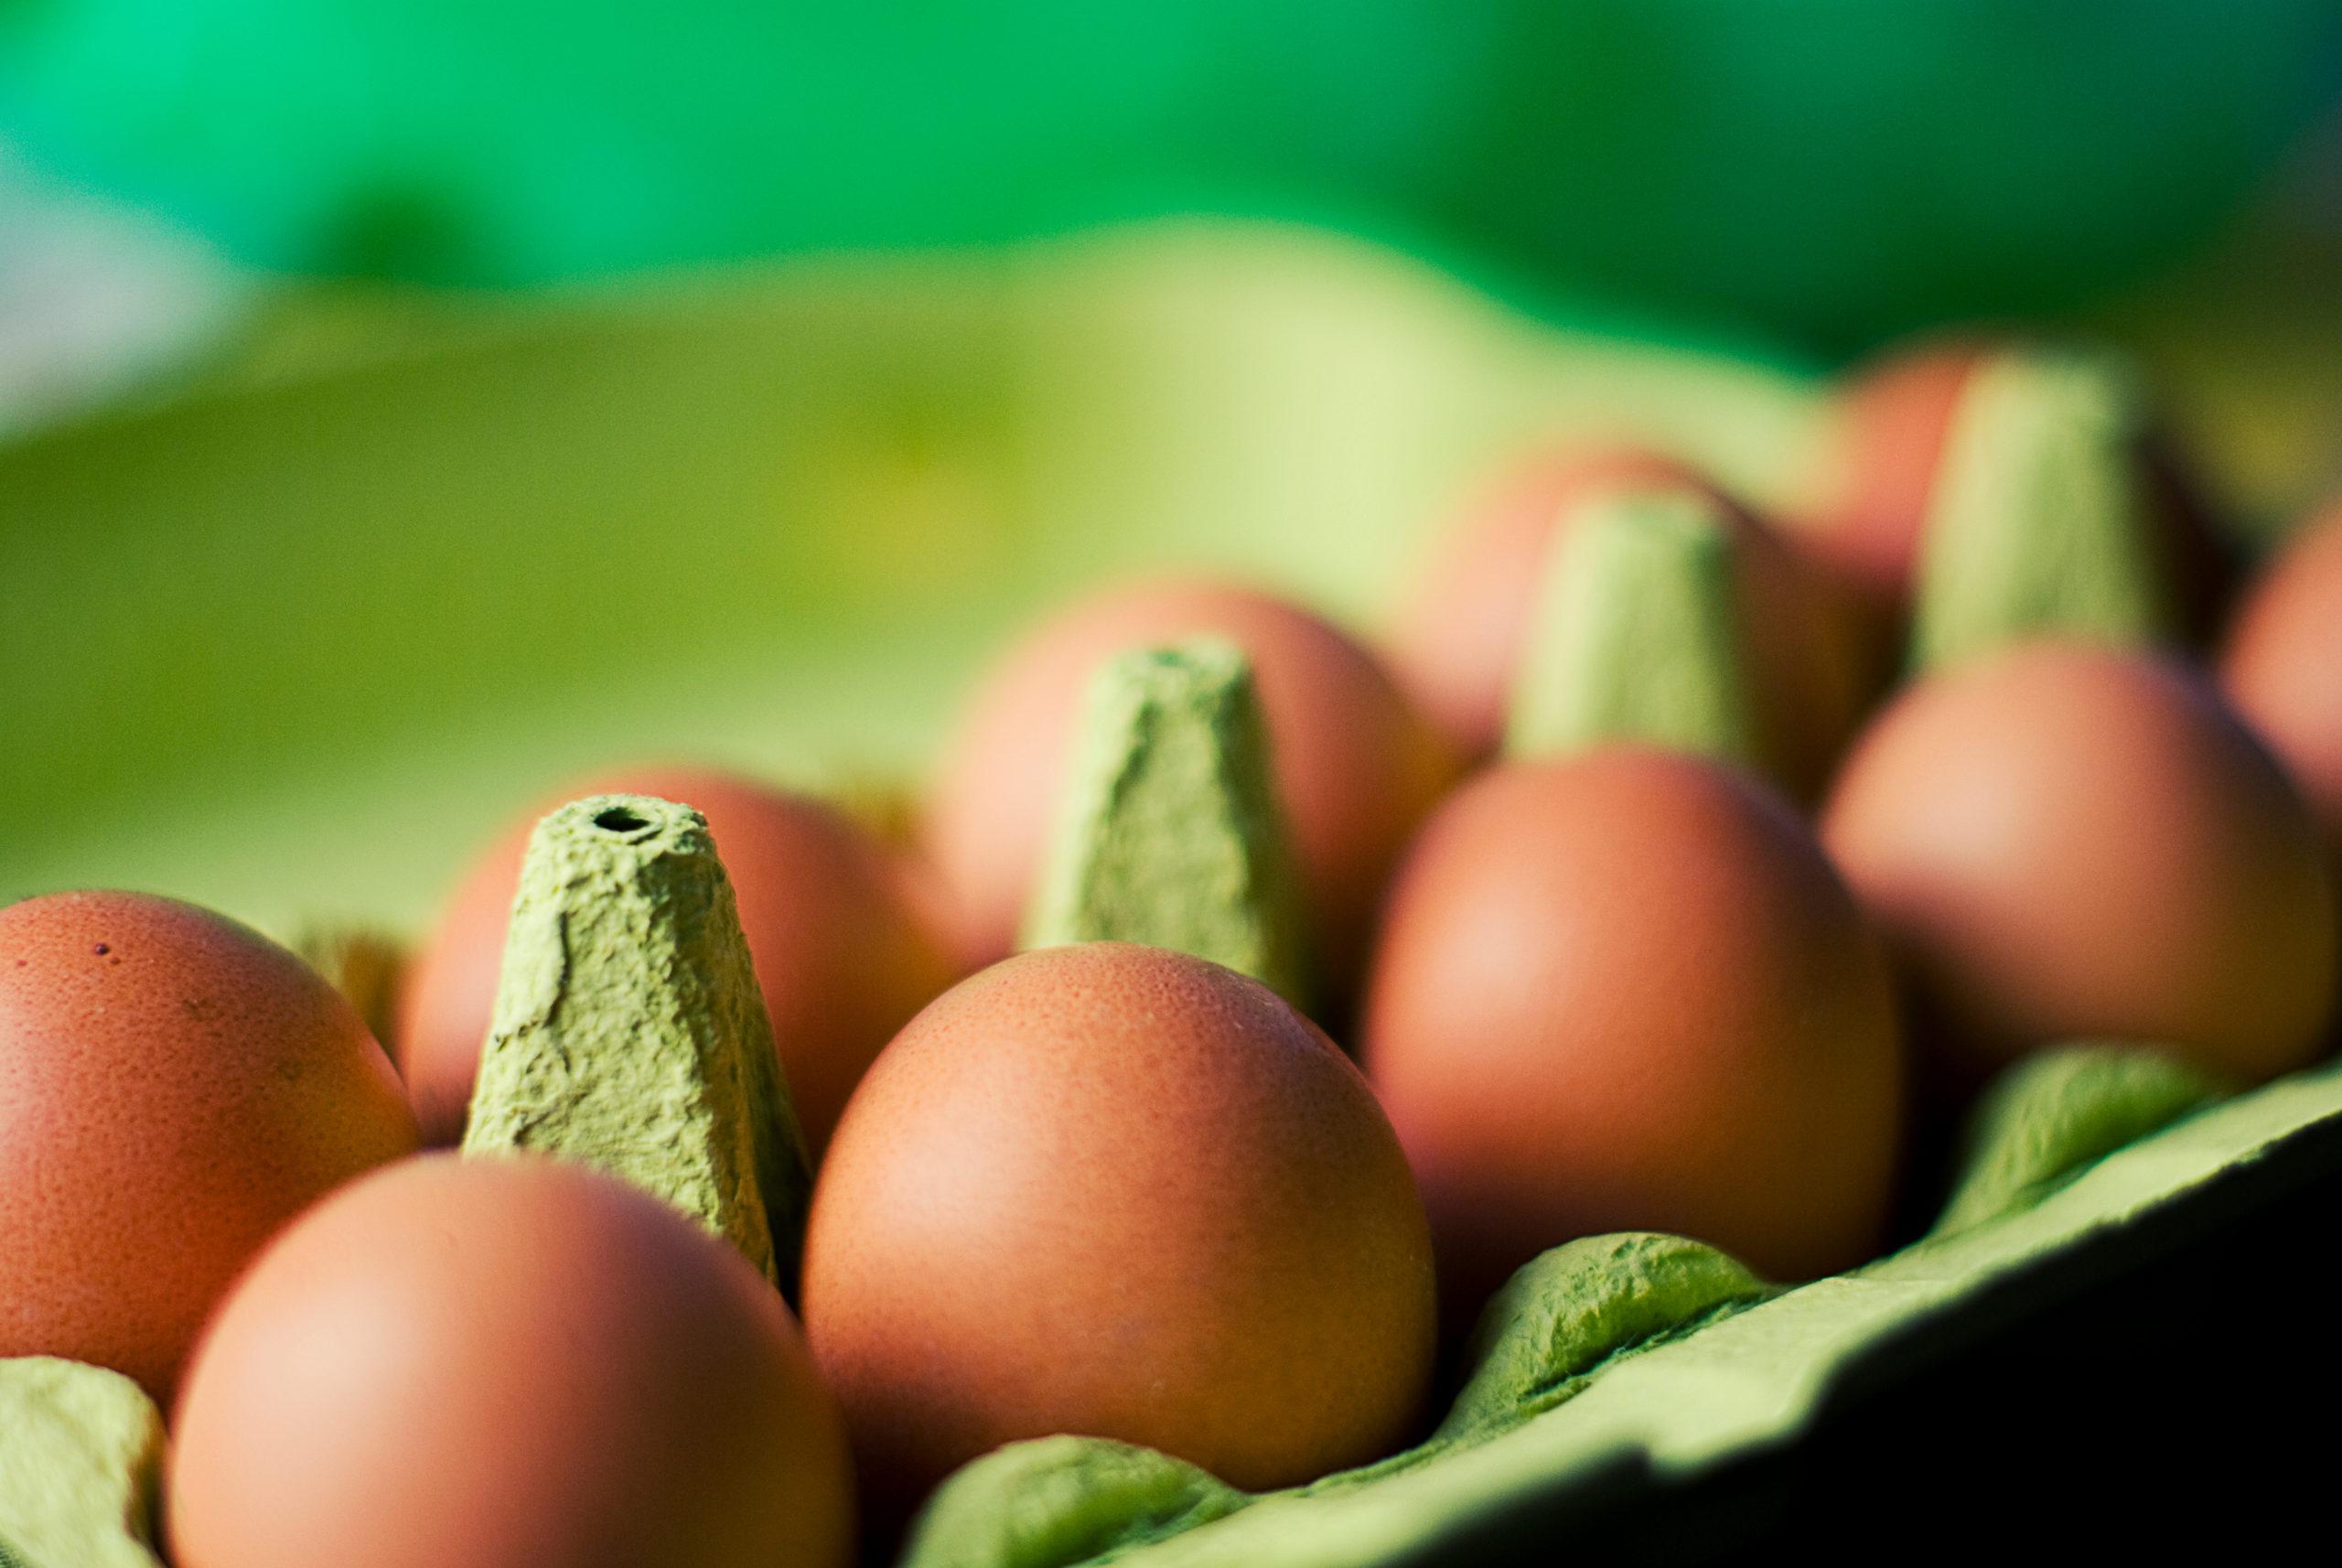 eggs in an open carton